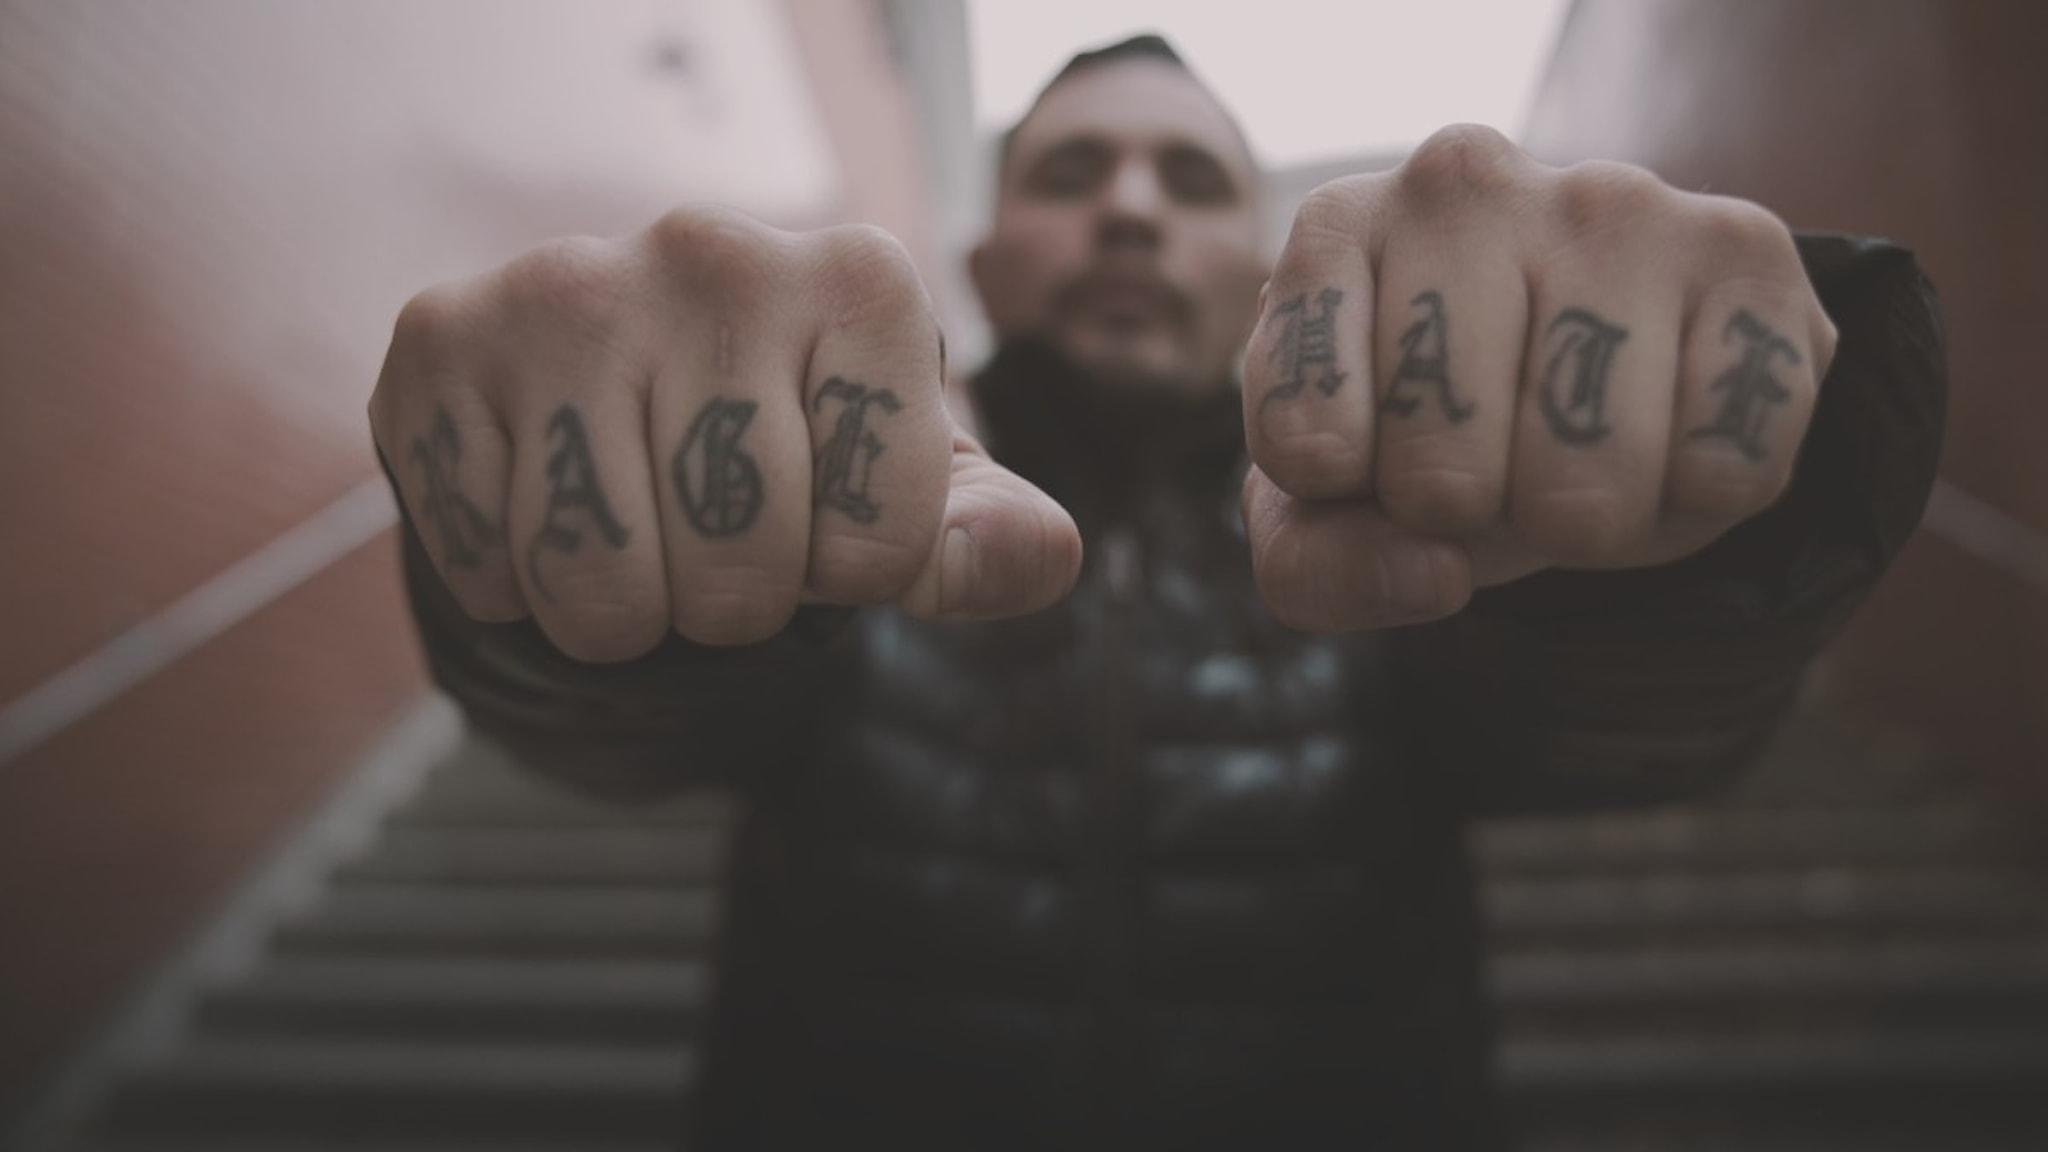 Rene lobos sträcker fram sina tatuerade händer mot fotografen